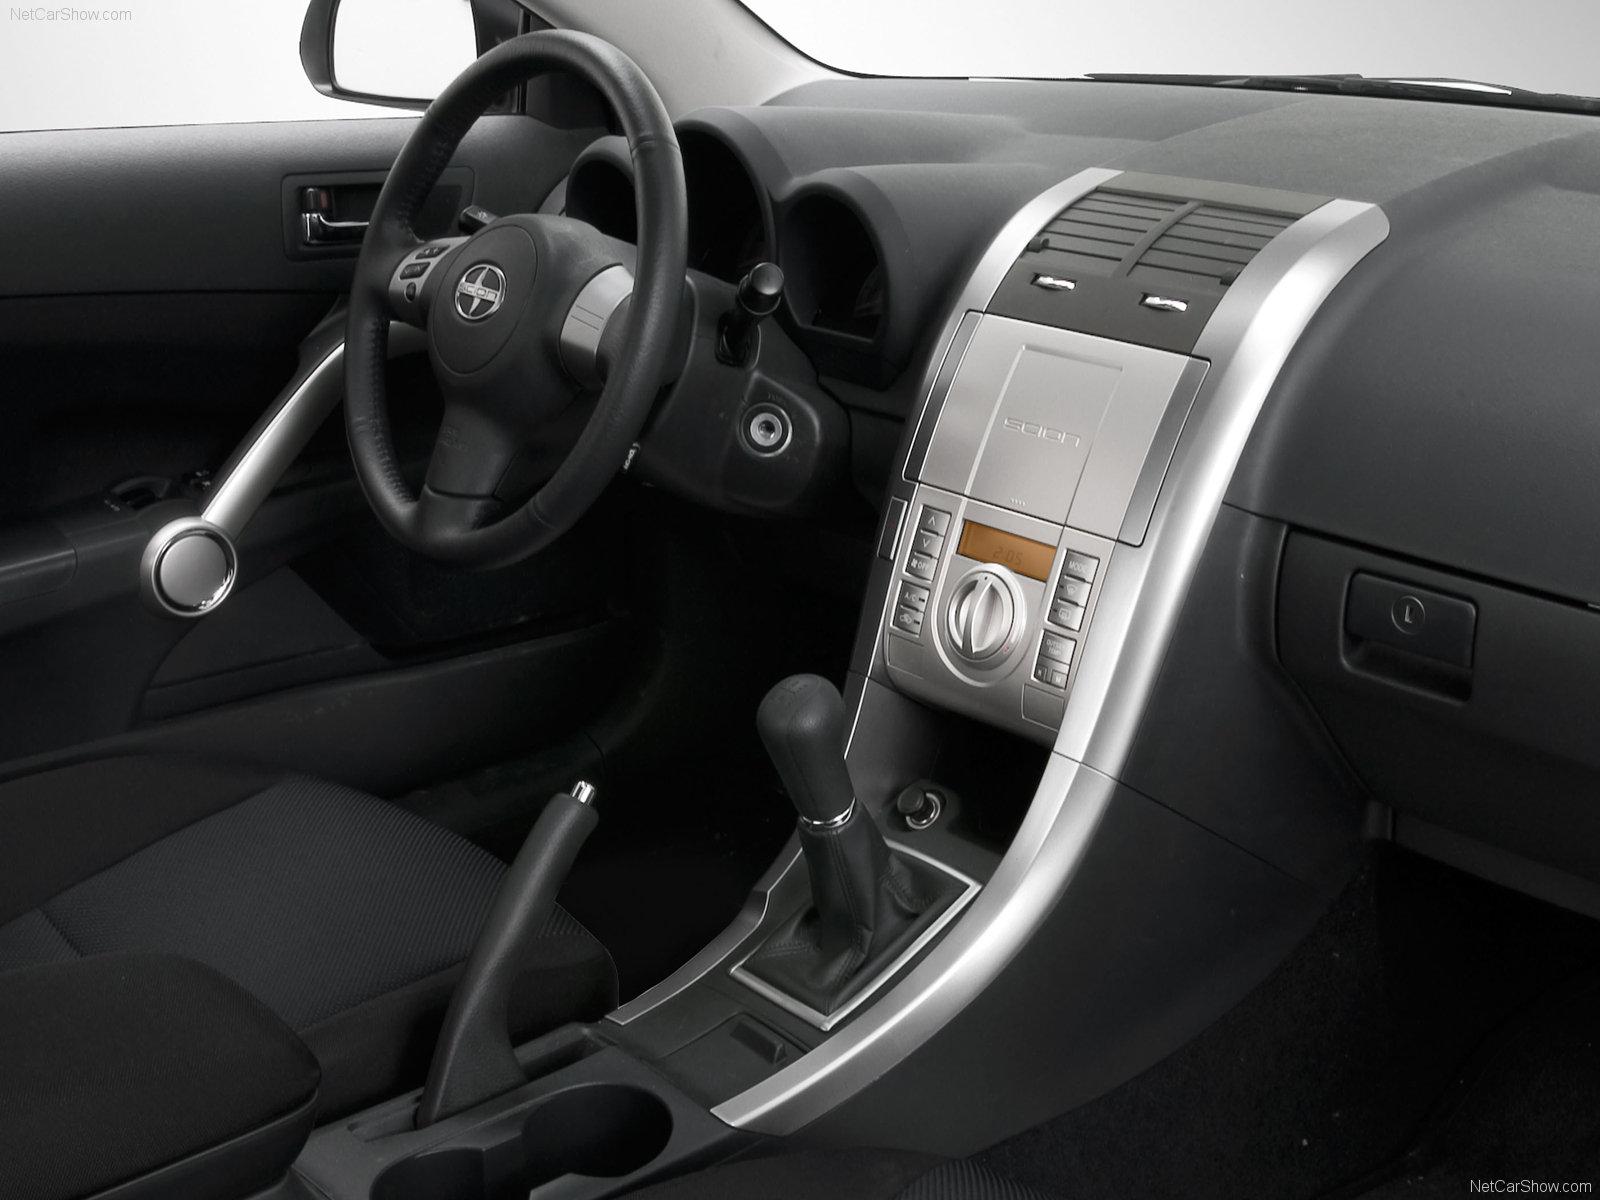 Hình ảnh xe ô tô Scion tC 2008 & nội ngoại thất